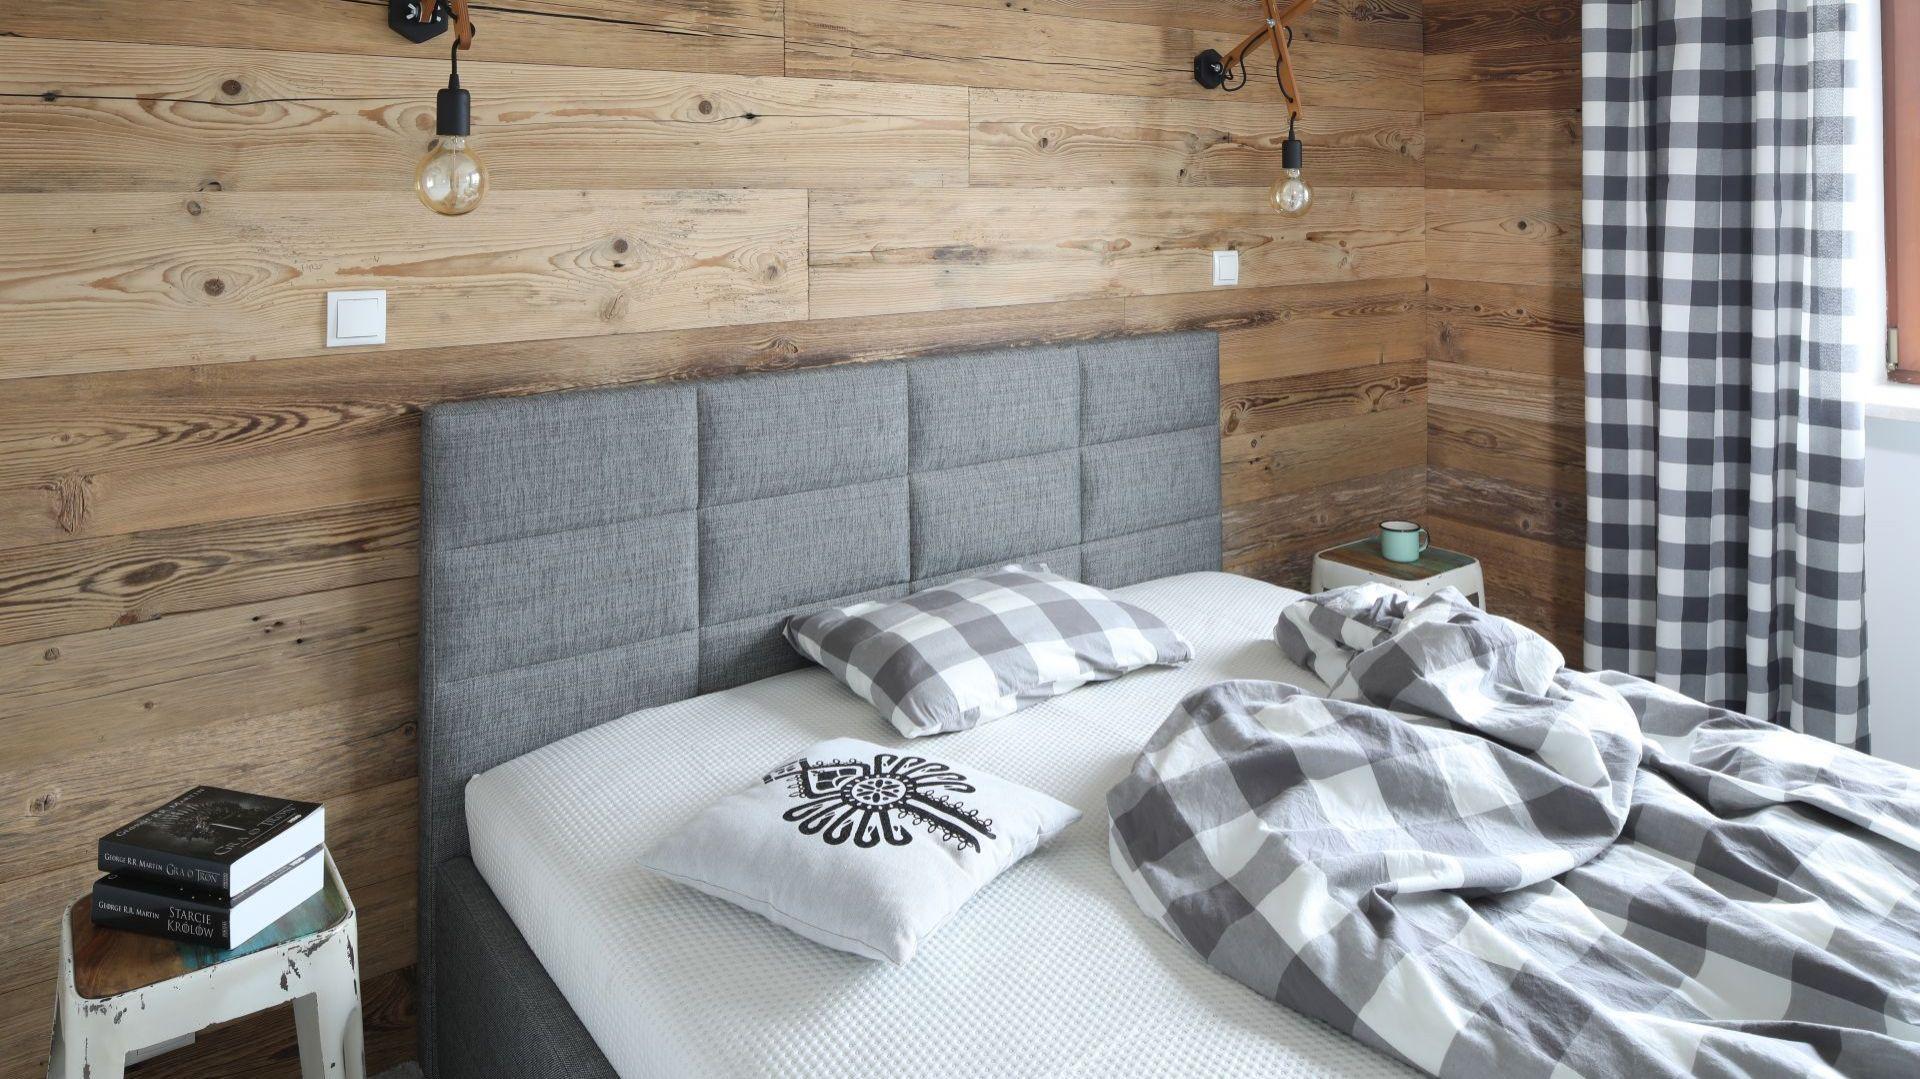 Utrzymanie właściwej higieny materaca nie tylko przedłuży jego żywotność, ale także poprawi komfort snu. Projekt: Agnieszka Żyła. Fot. Bartosz Jarosz